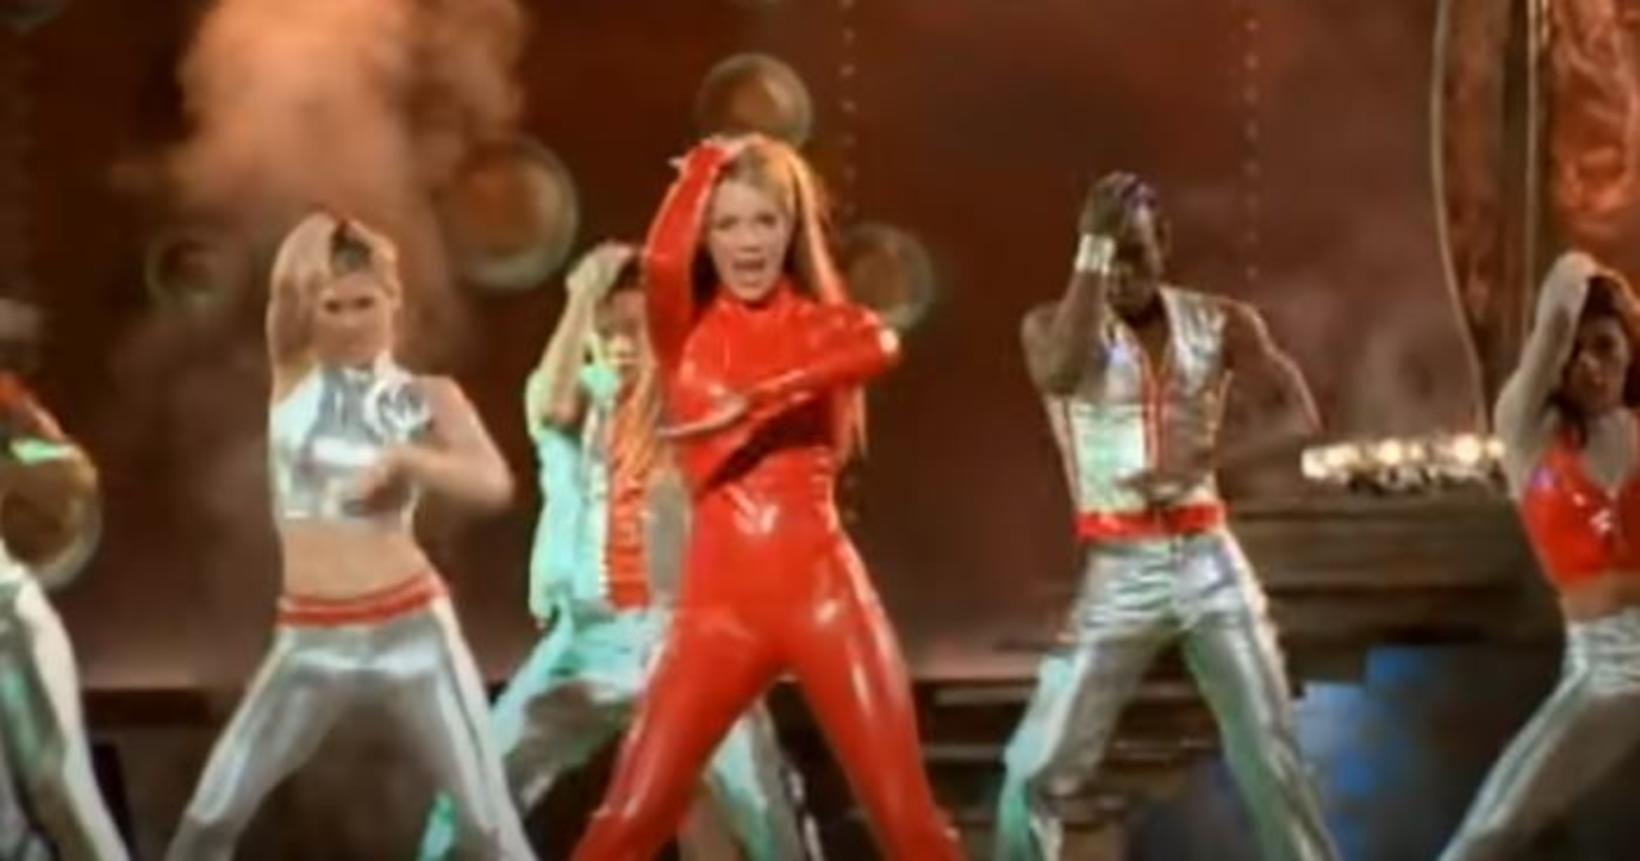 Britney Spears ásamt dönsurum sínum í myndbandinu góða.